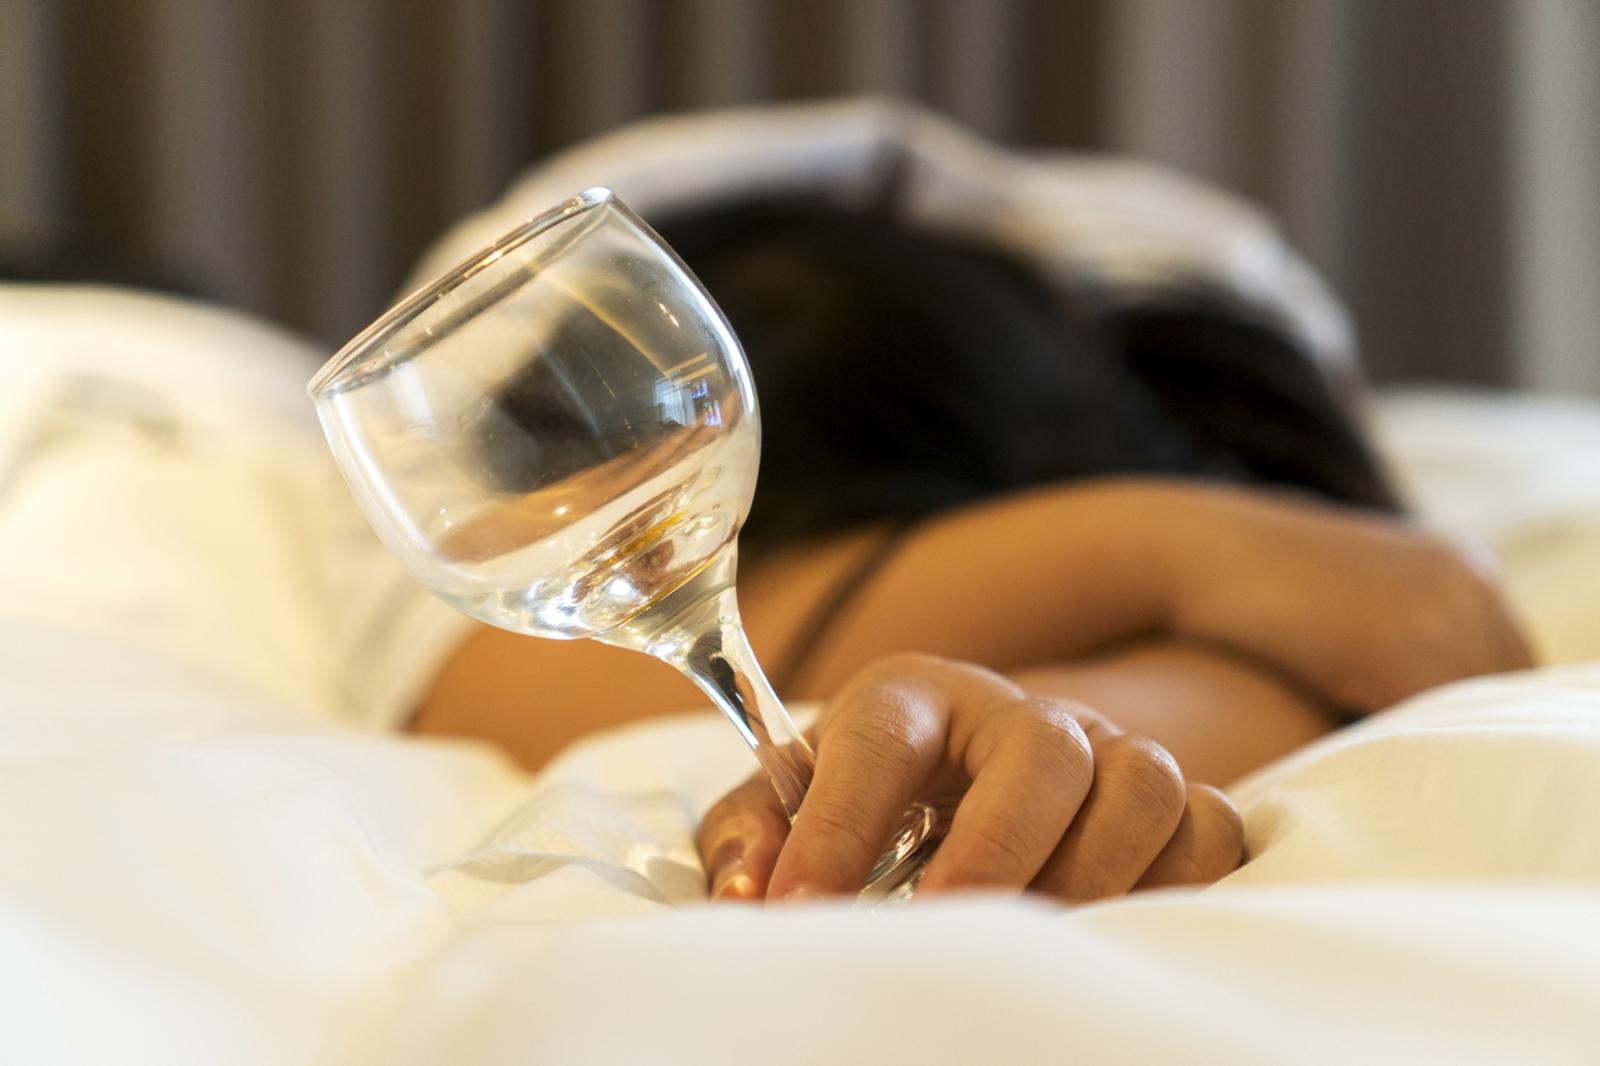 binge drinking impact